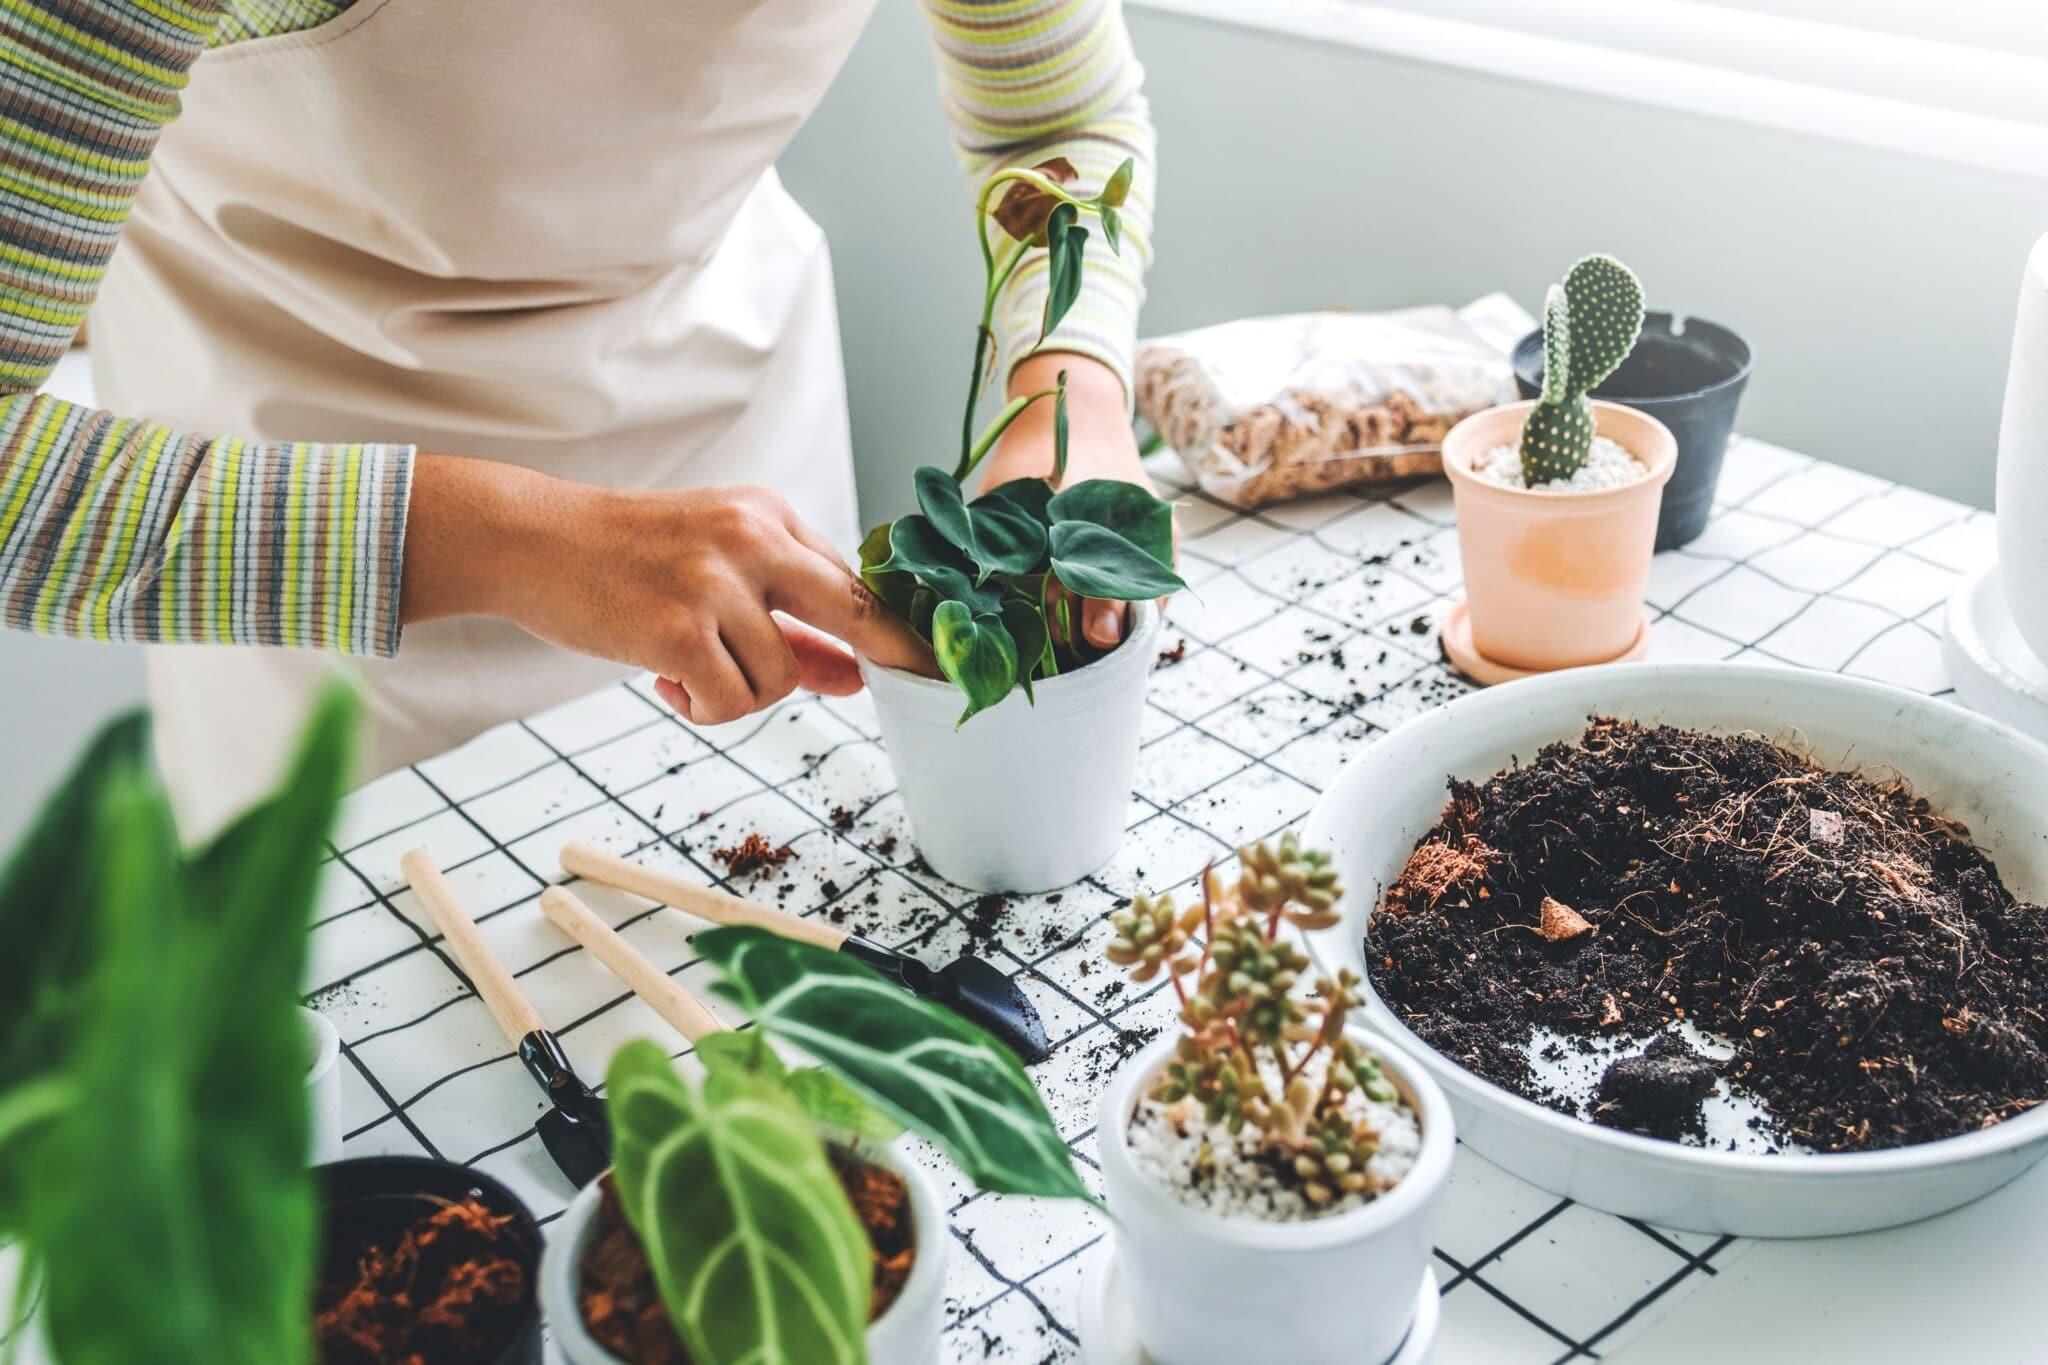 person plants house plants